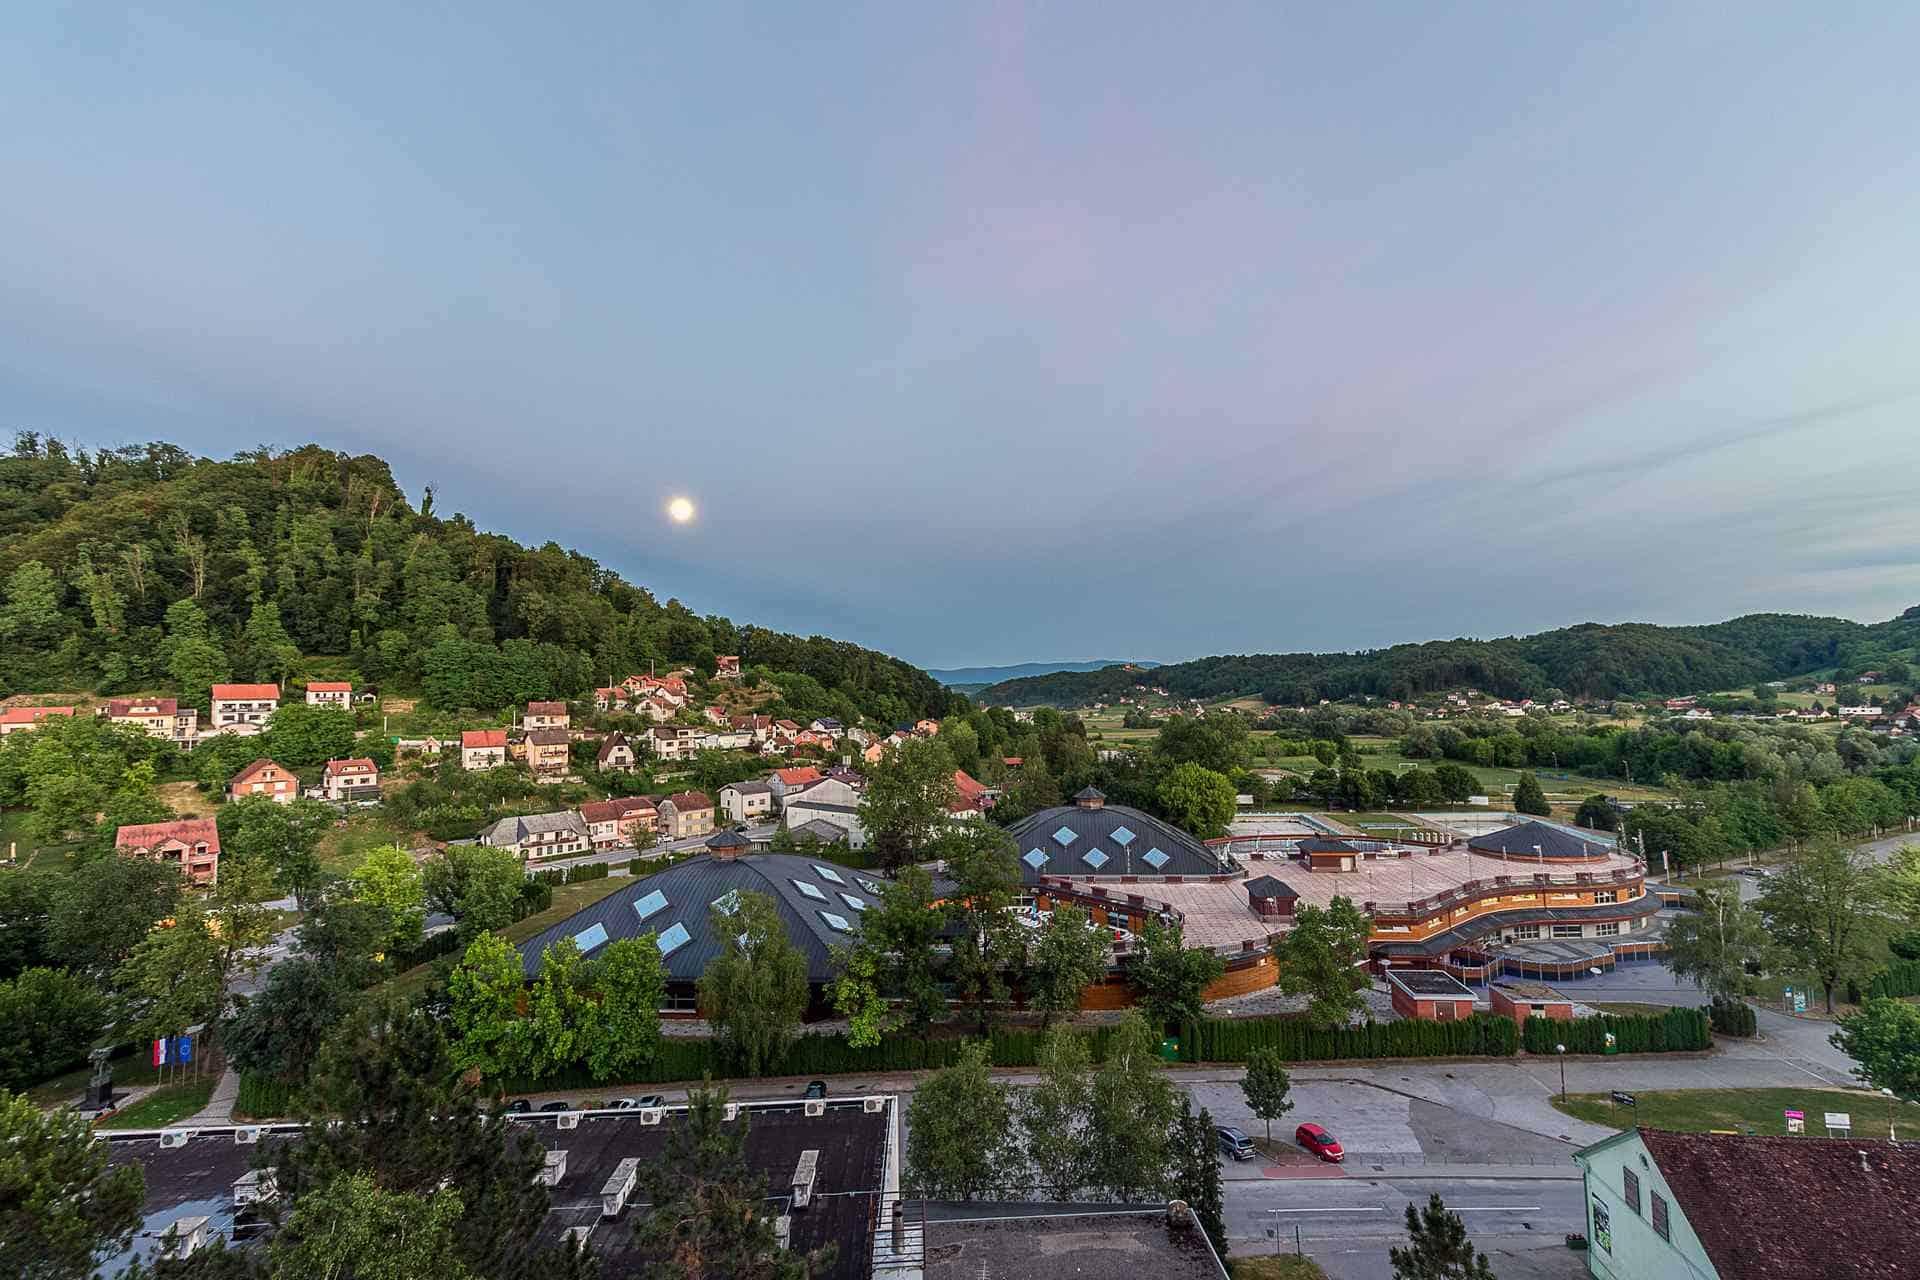 Pogled Wellness & Spa - Hotel Villa Magdalena, Krapinske Toplice